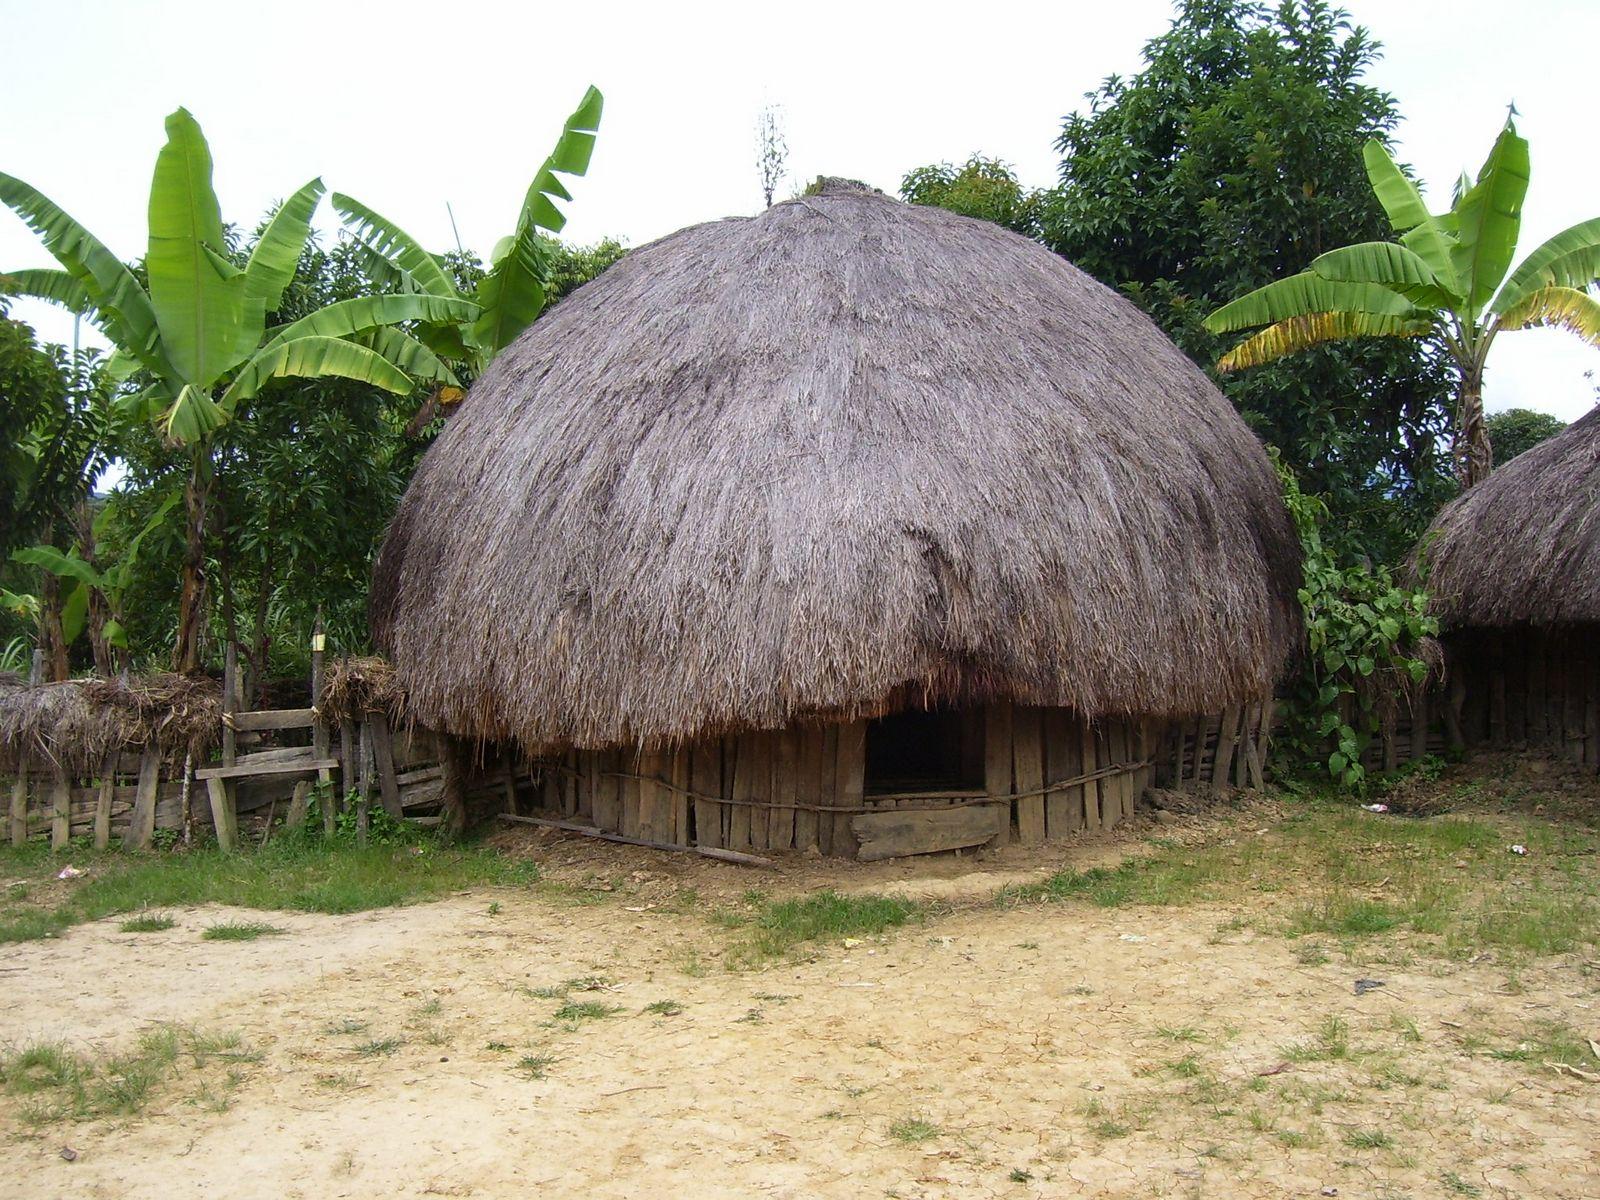 Rumah Adat Tradisional  Seni Budaya Indonesia